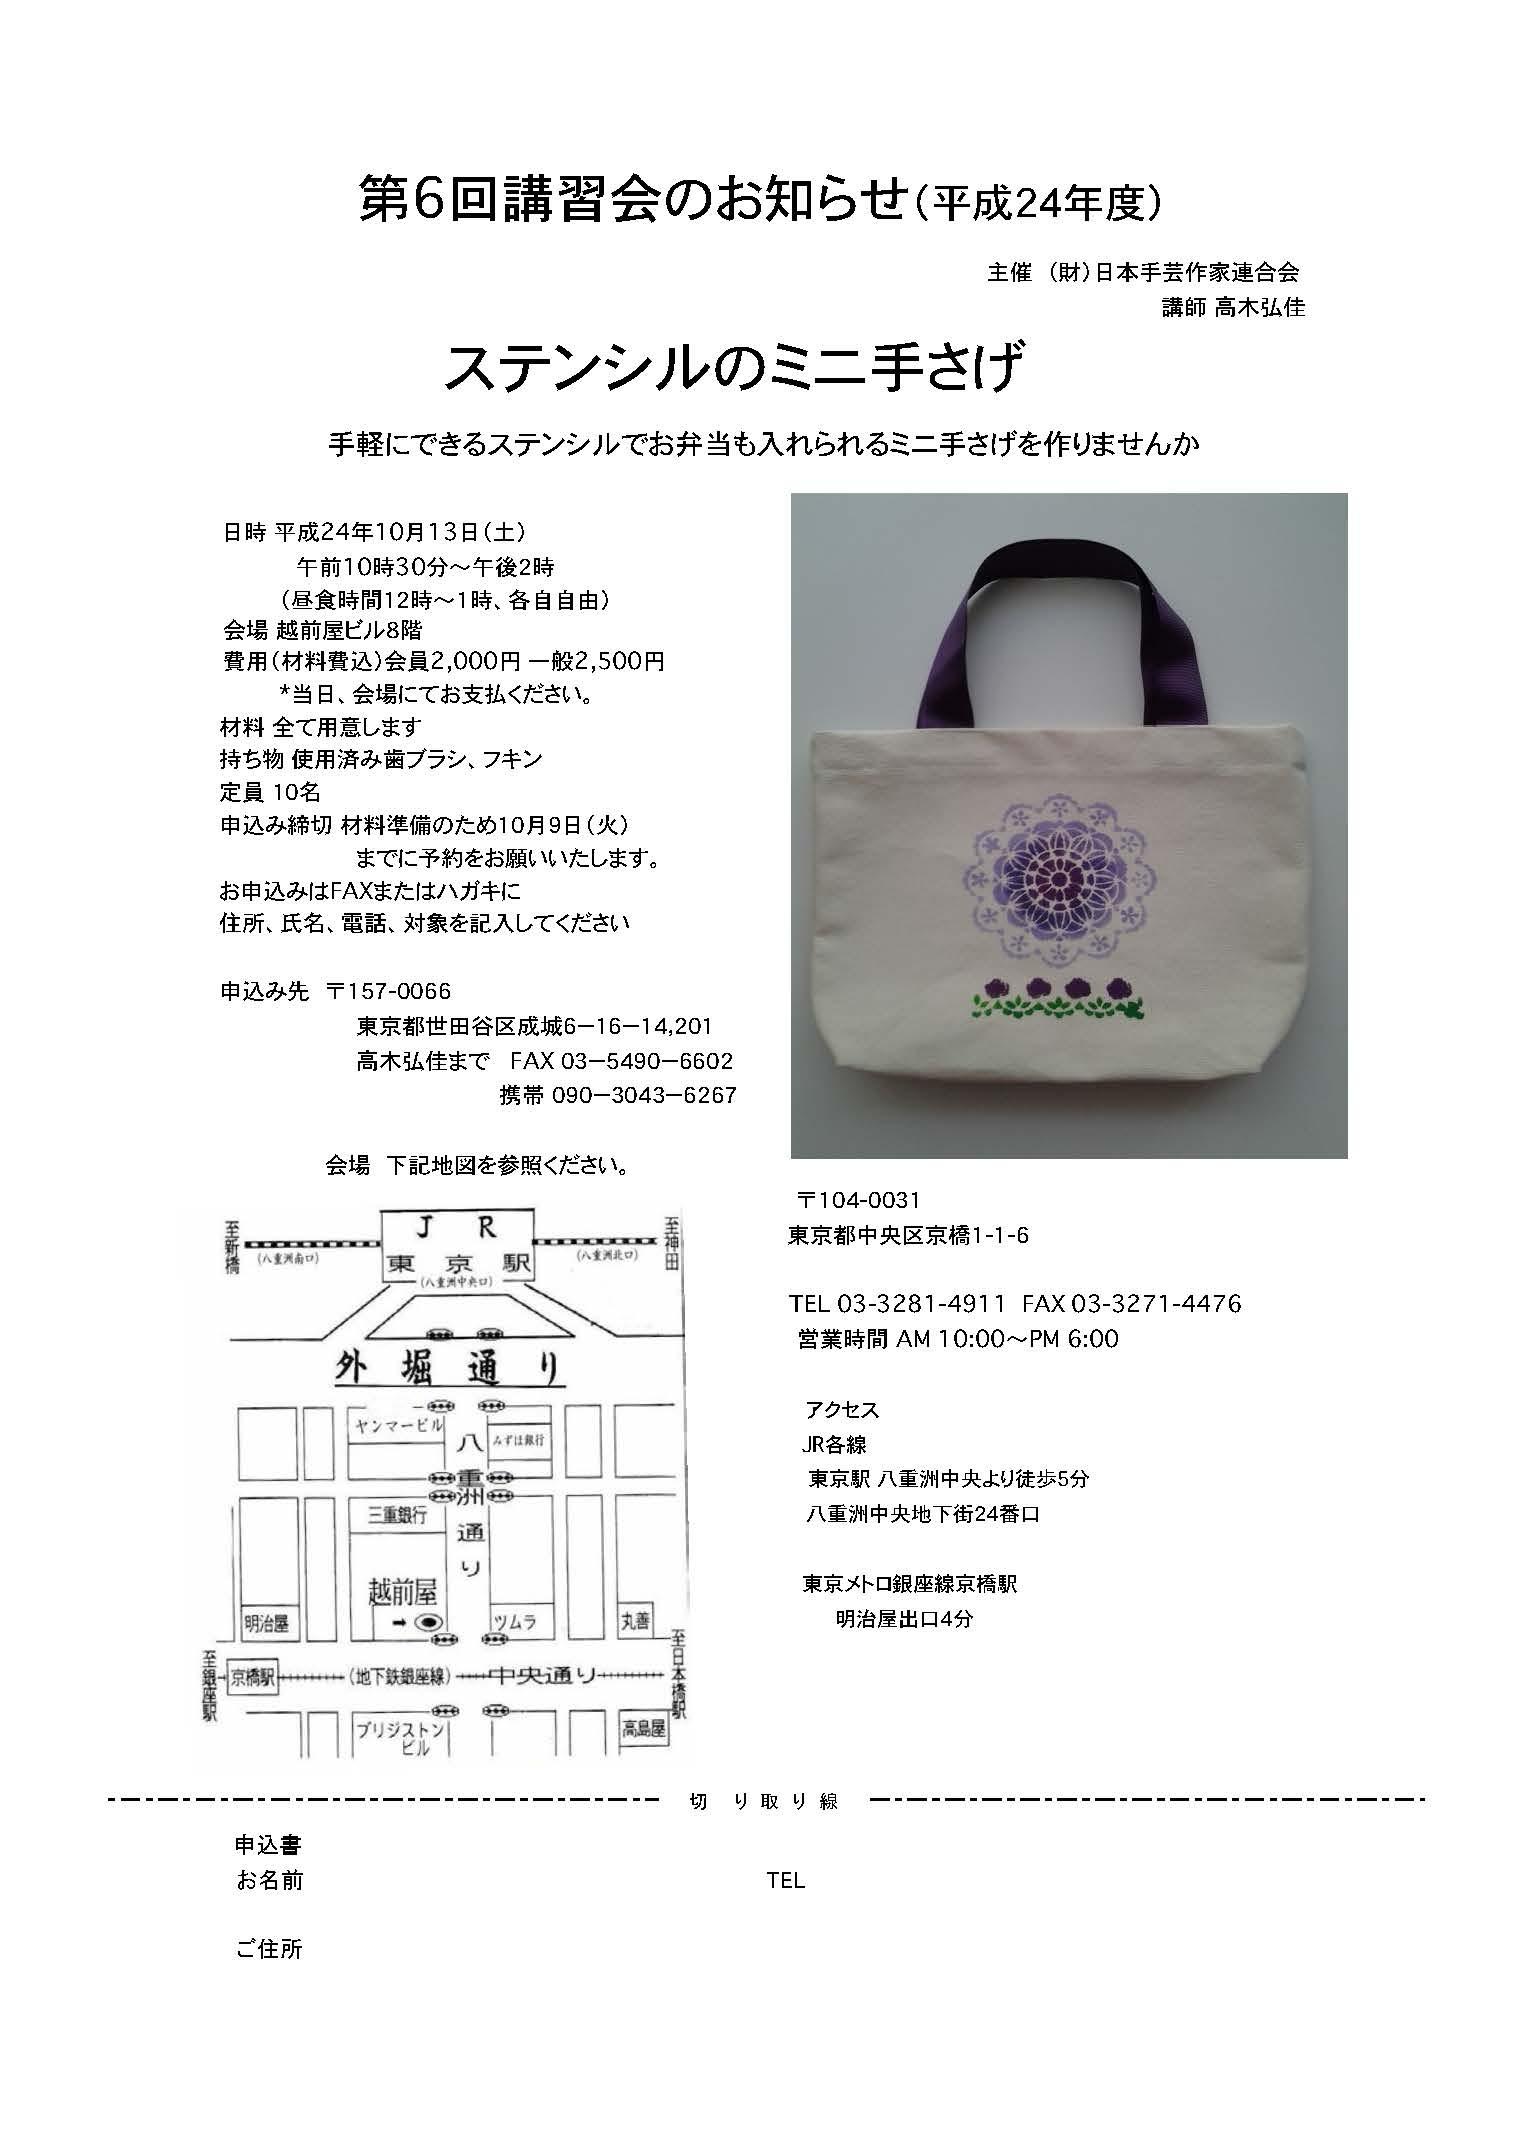 kousyukai-20121013